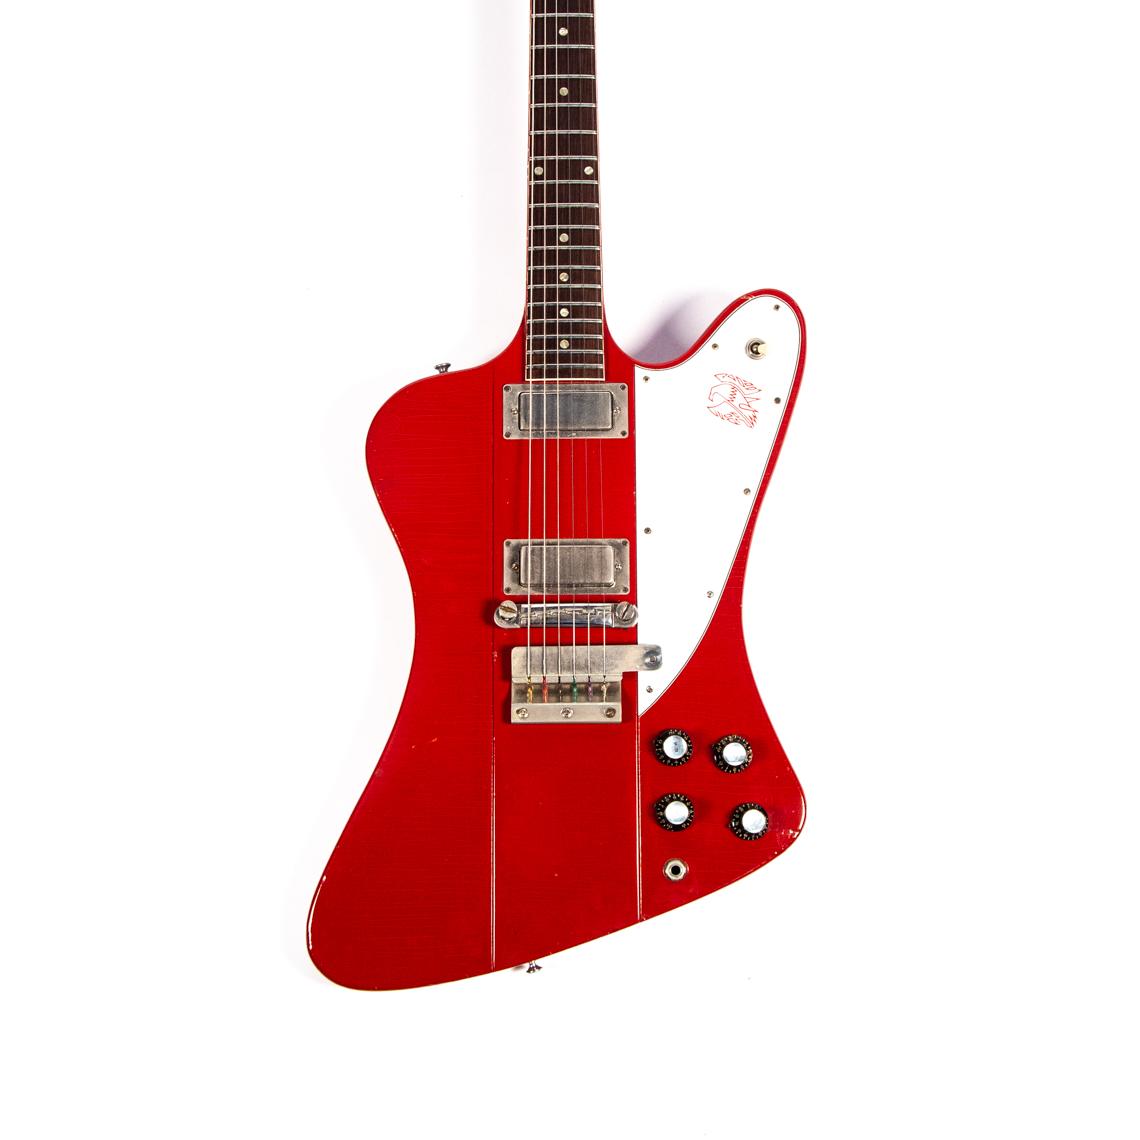 1964 Gibson Firebird in Cardinal Red